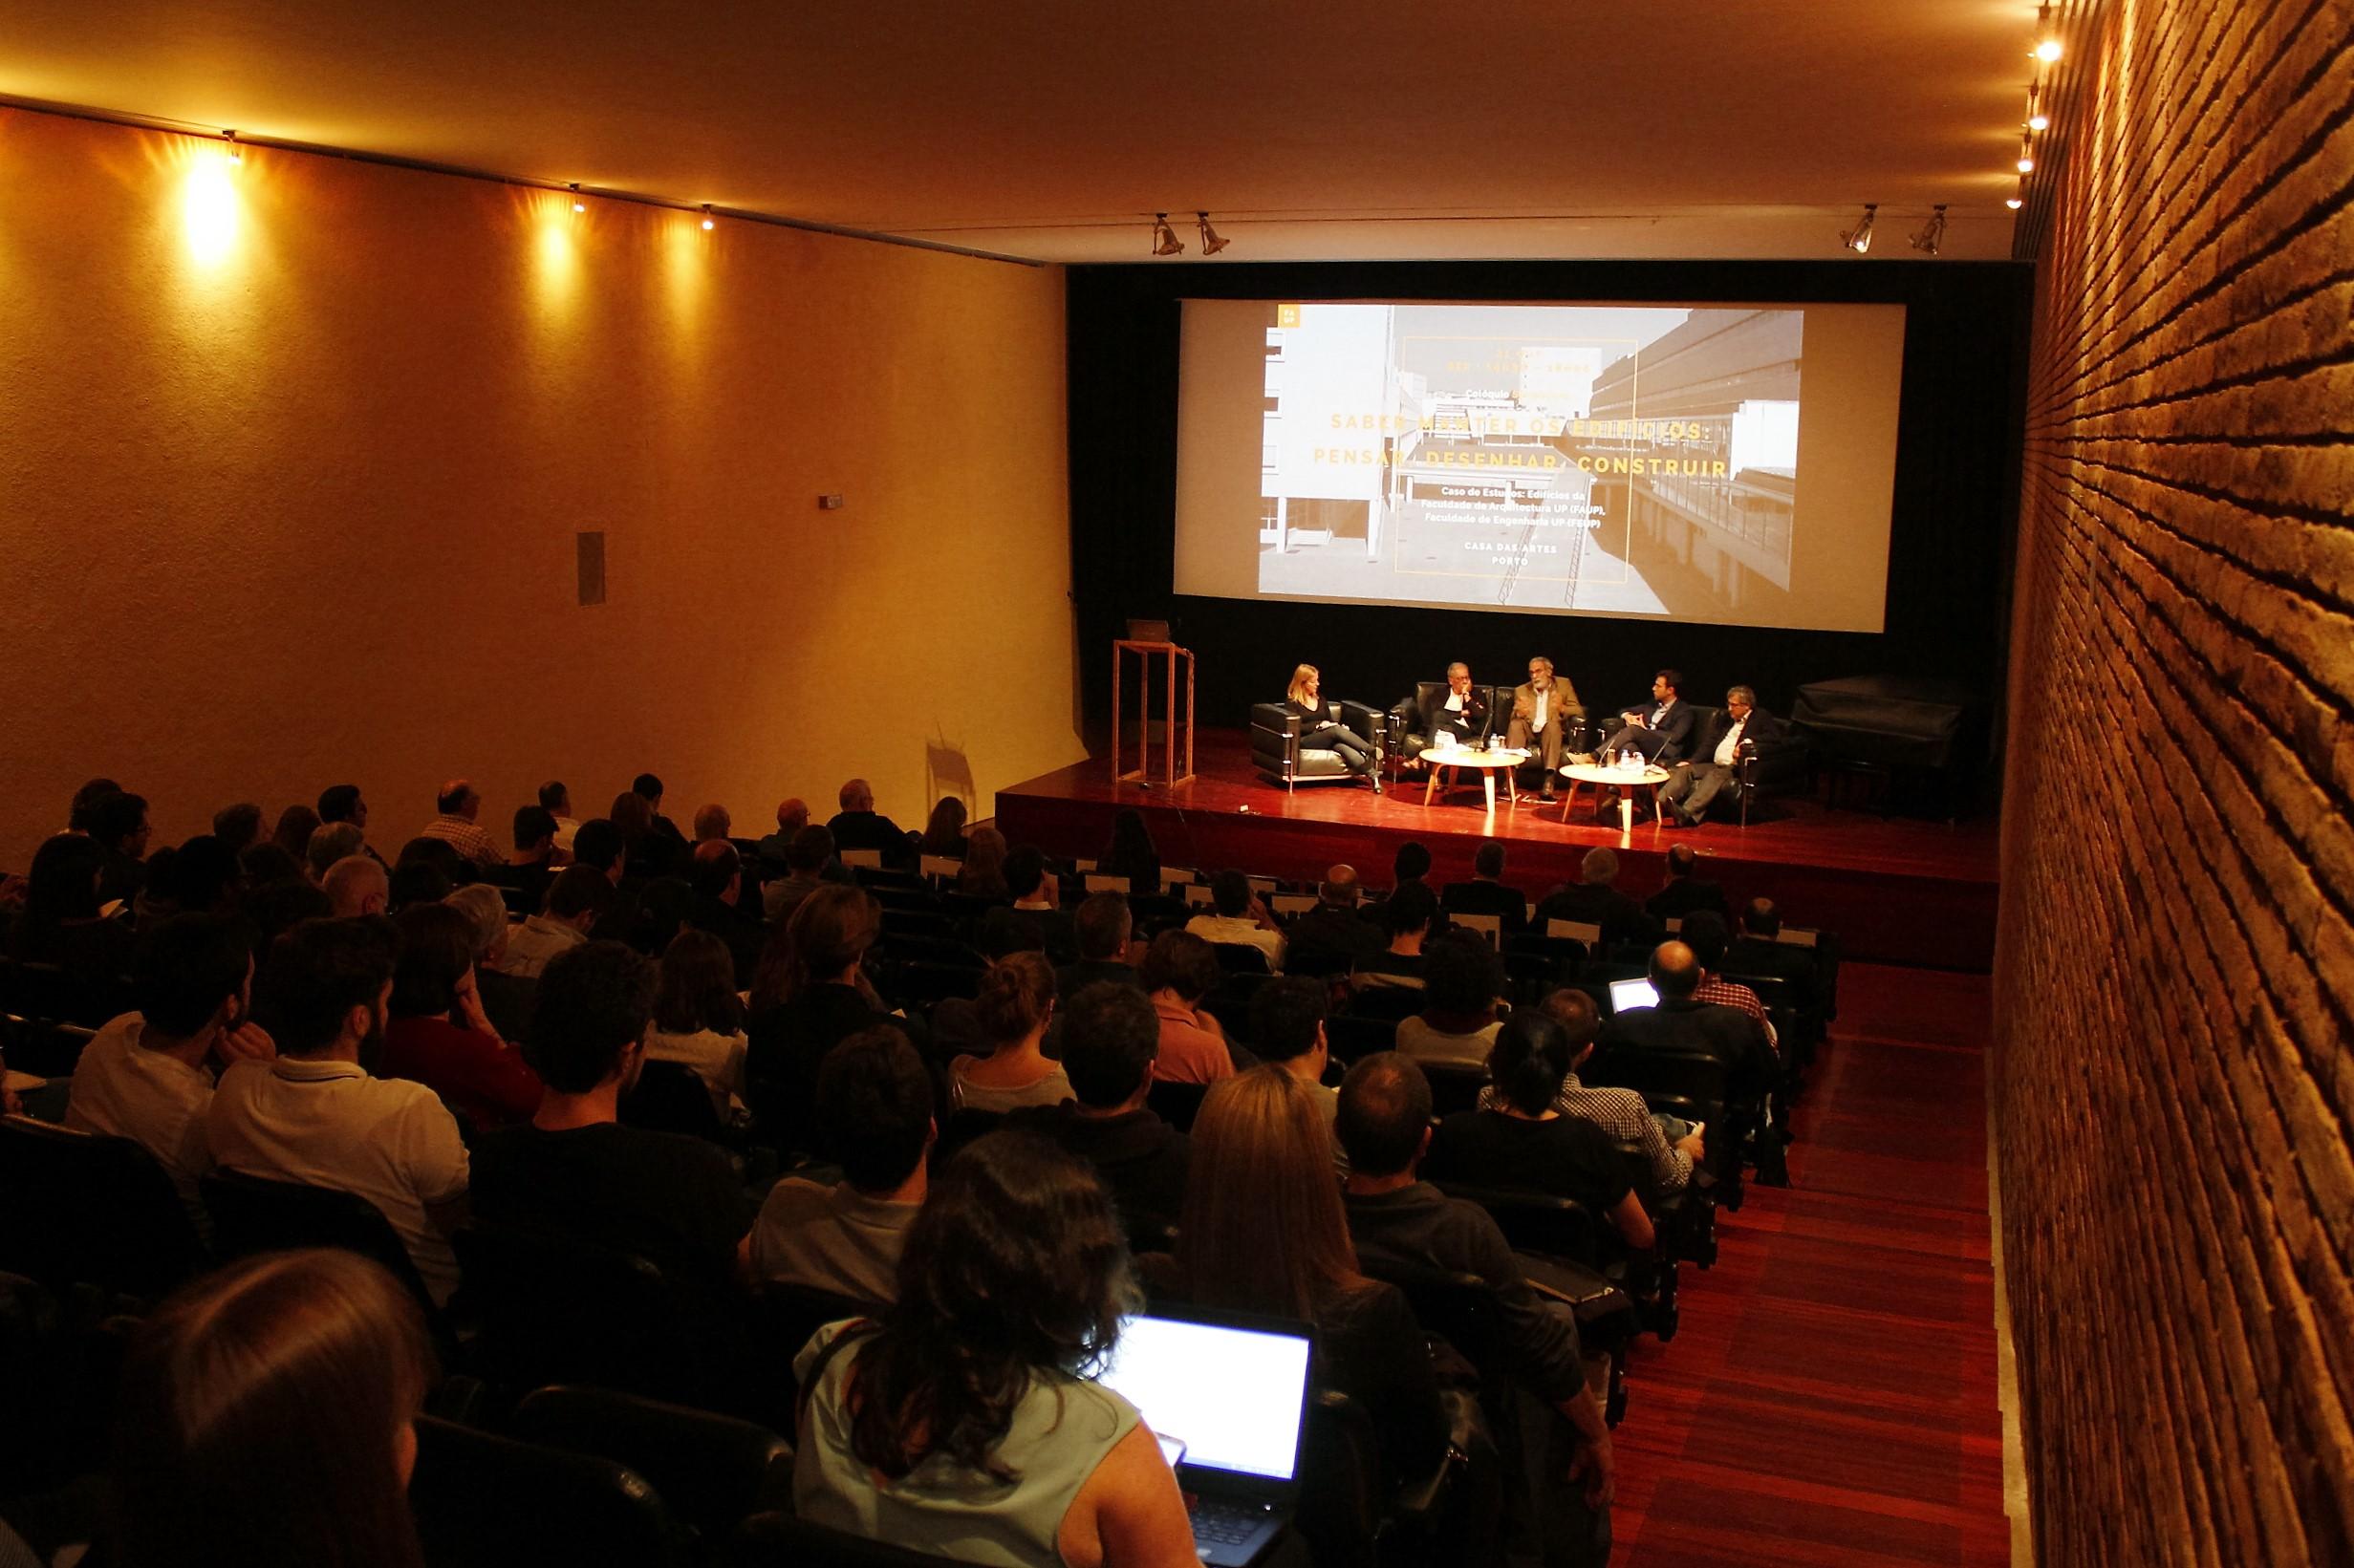 Colóquio: Saber manter os edifícios: Pensar, Desenhar, Construir